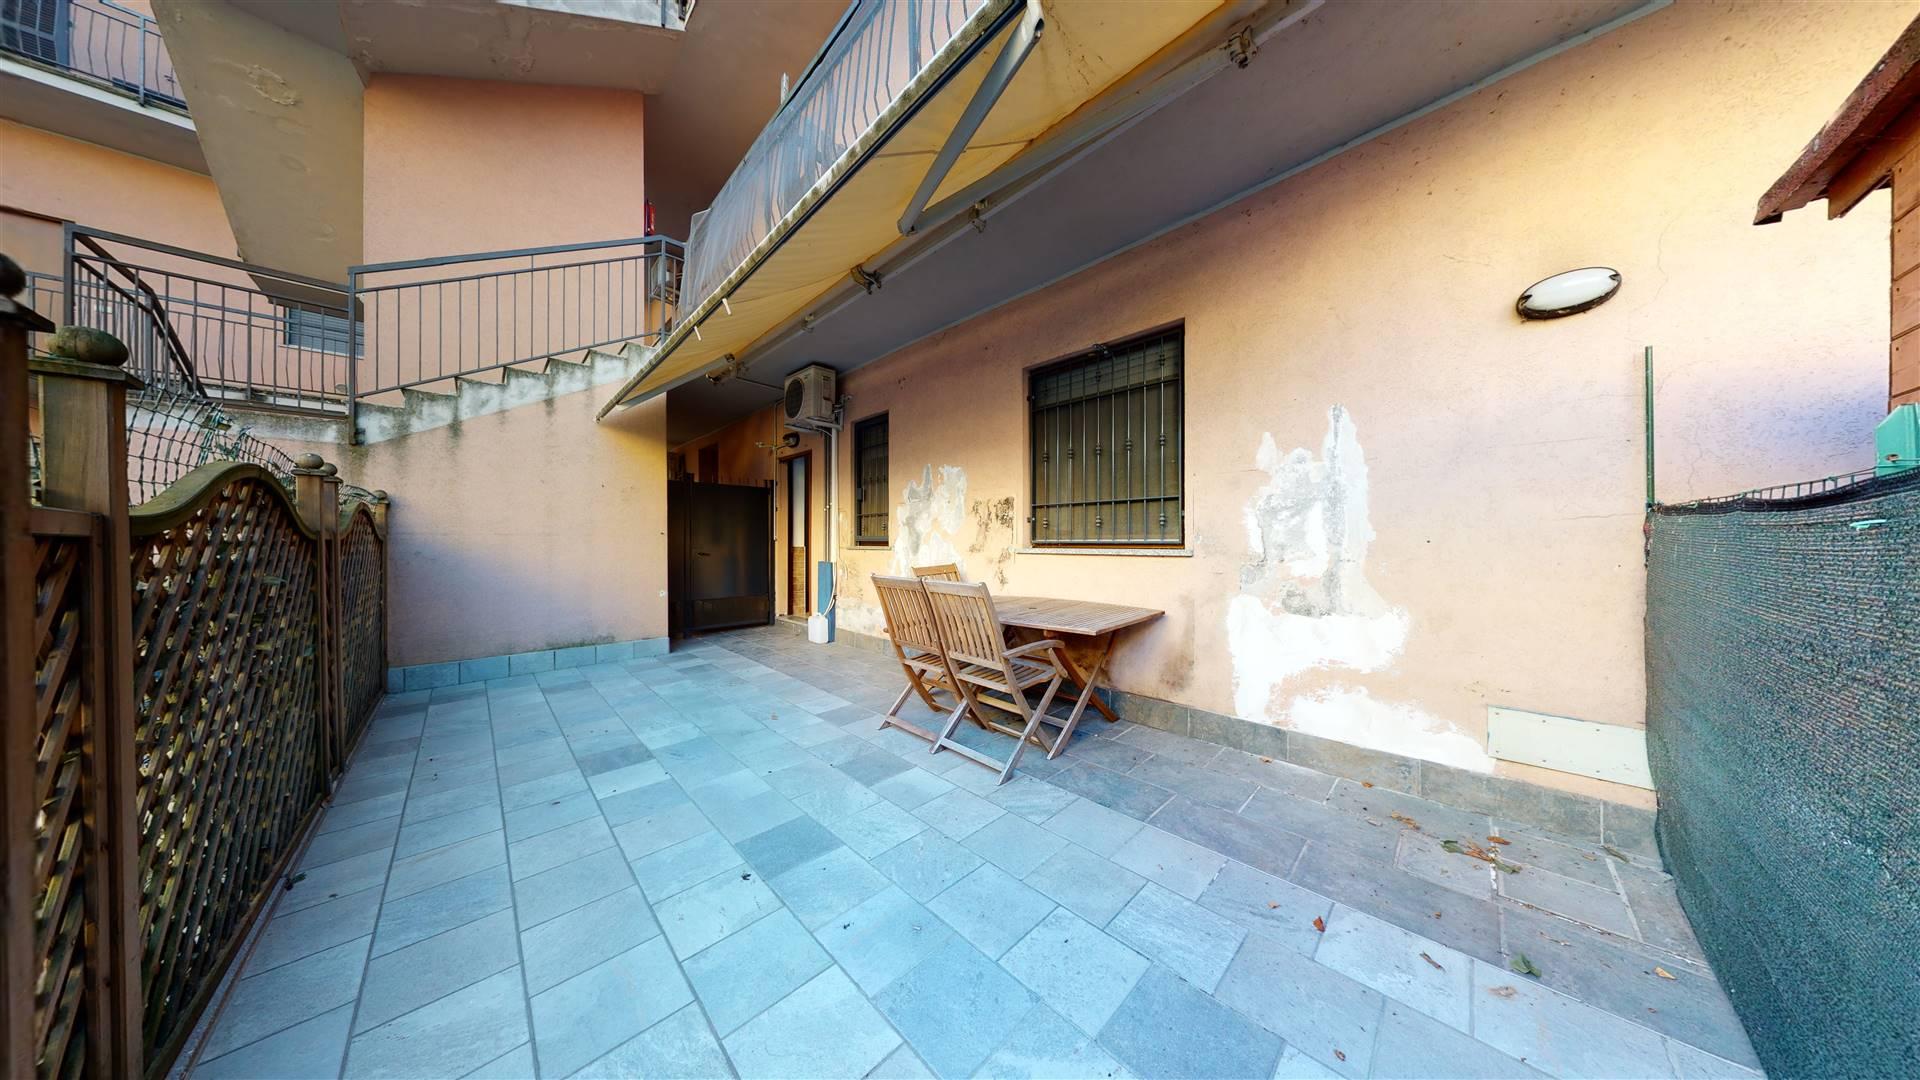 CASSANO D'ADDA, Wohnung zu verkaufen von 75 Qm, Beste ausstattung, Heizung Unabhaengig, Energie-klasse: G, Epi: 192,07 kwh/m2 jahr, am boden Land auf